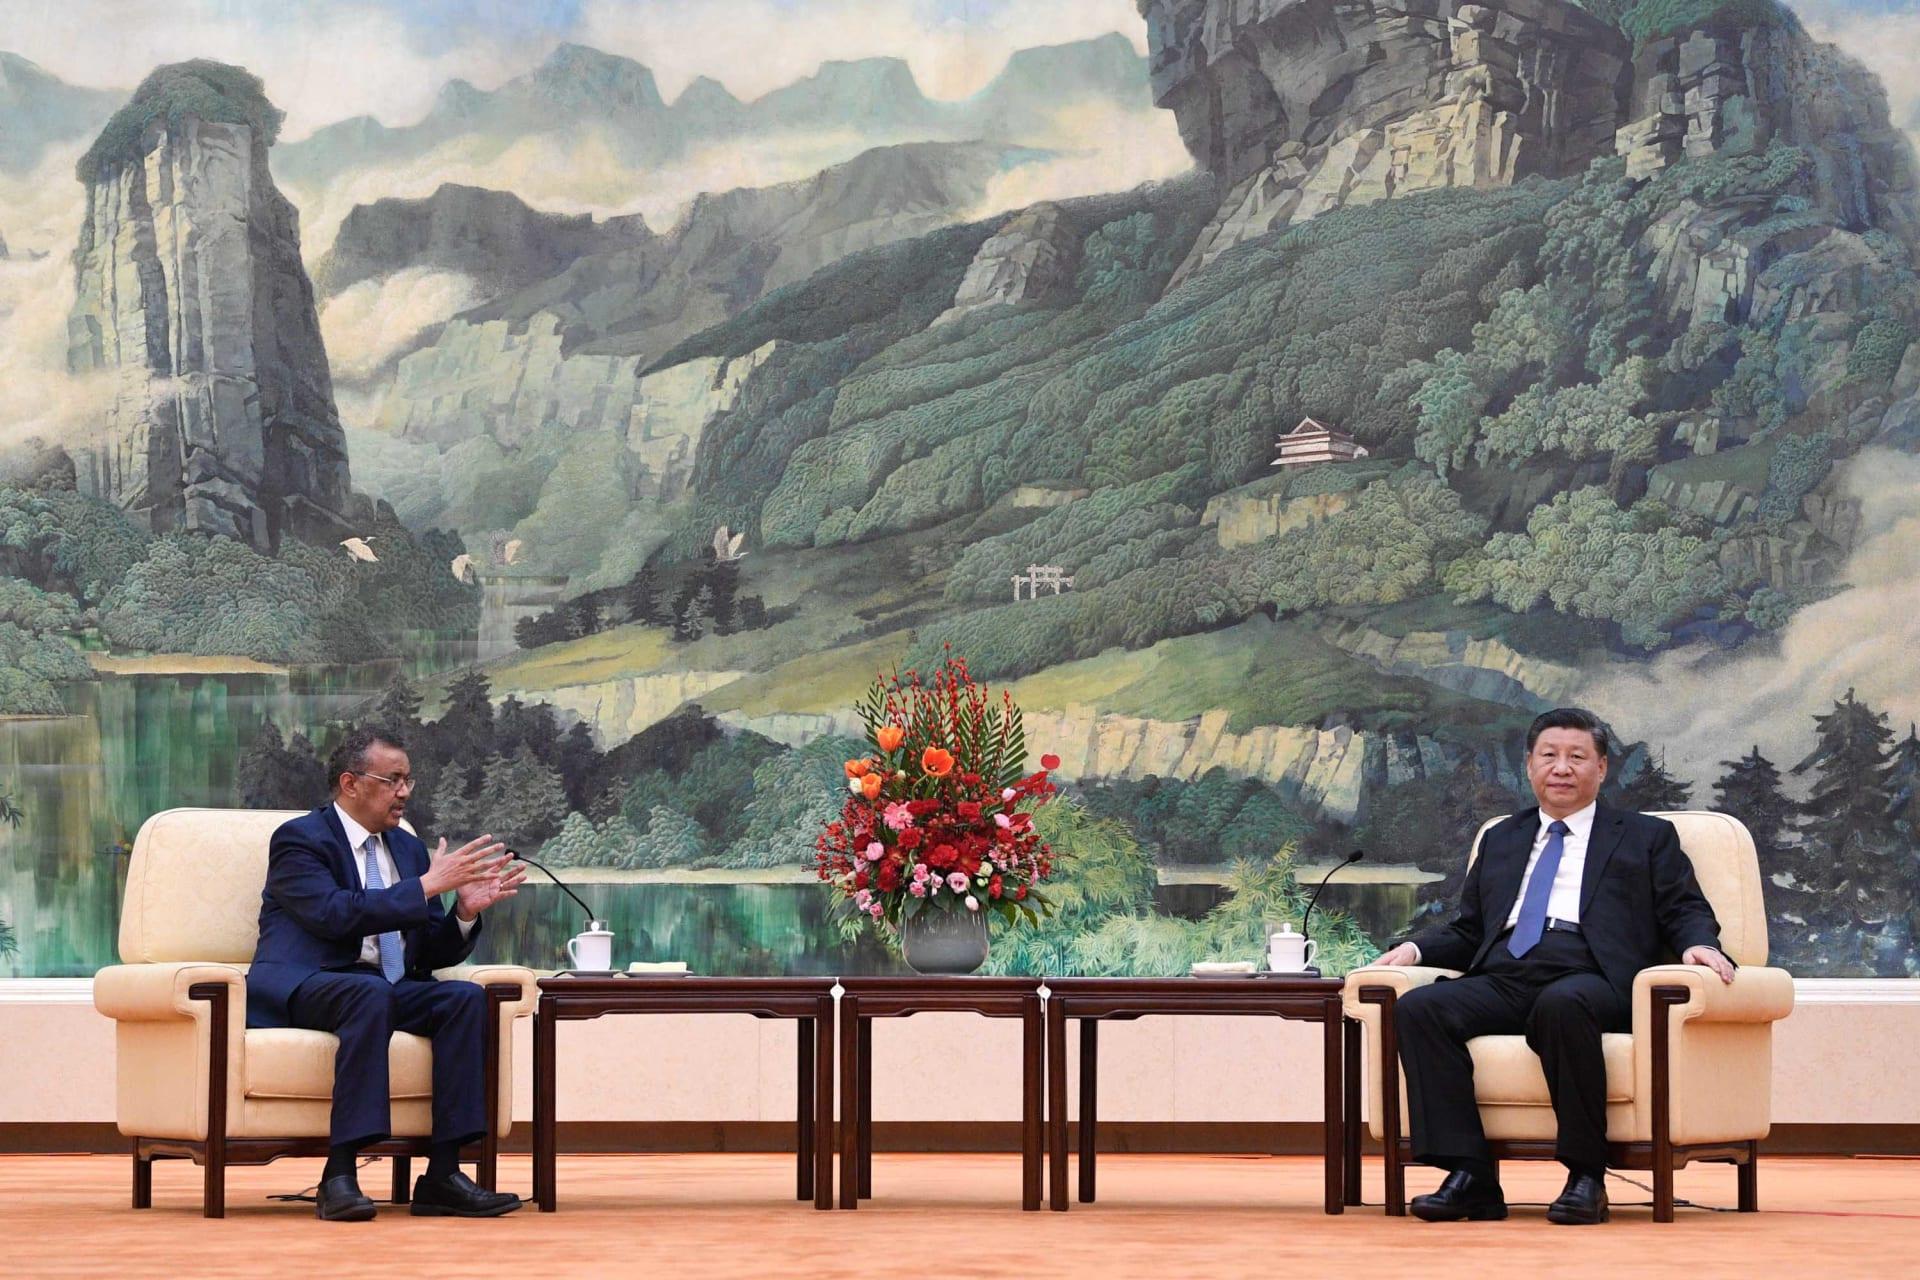 """""""نجم روك"""" عالم الصحة.. تعرف إلى من يقف وسط فوضى النزاع بين أمريكا والصين"""